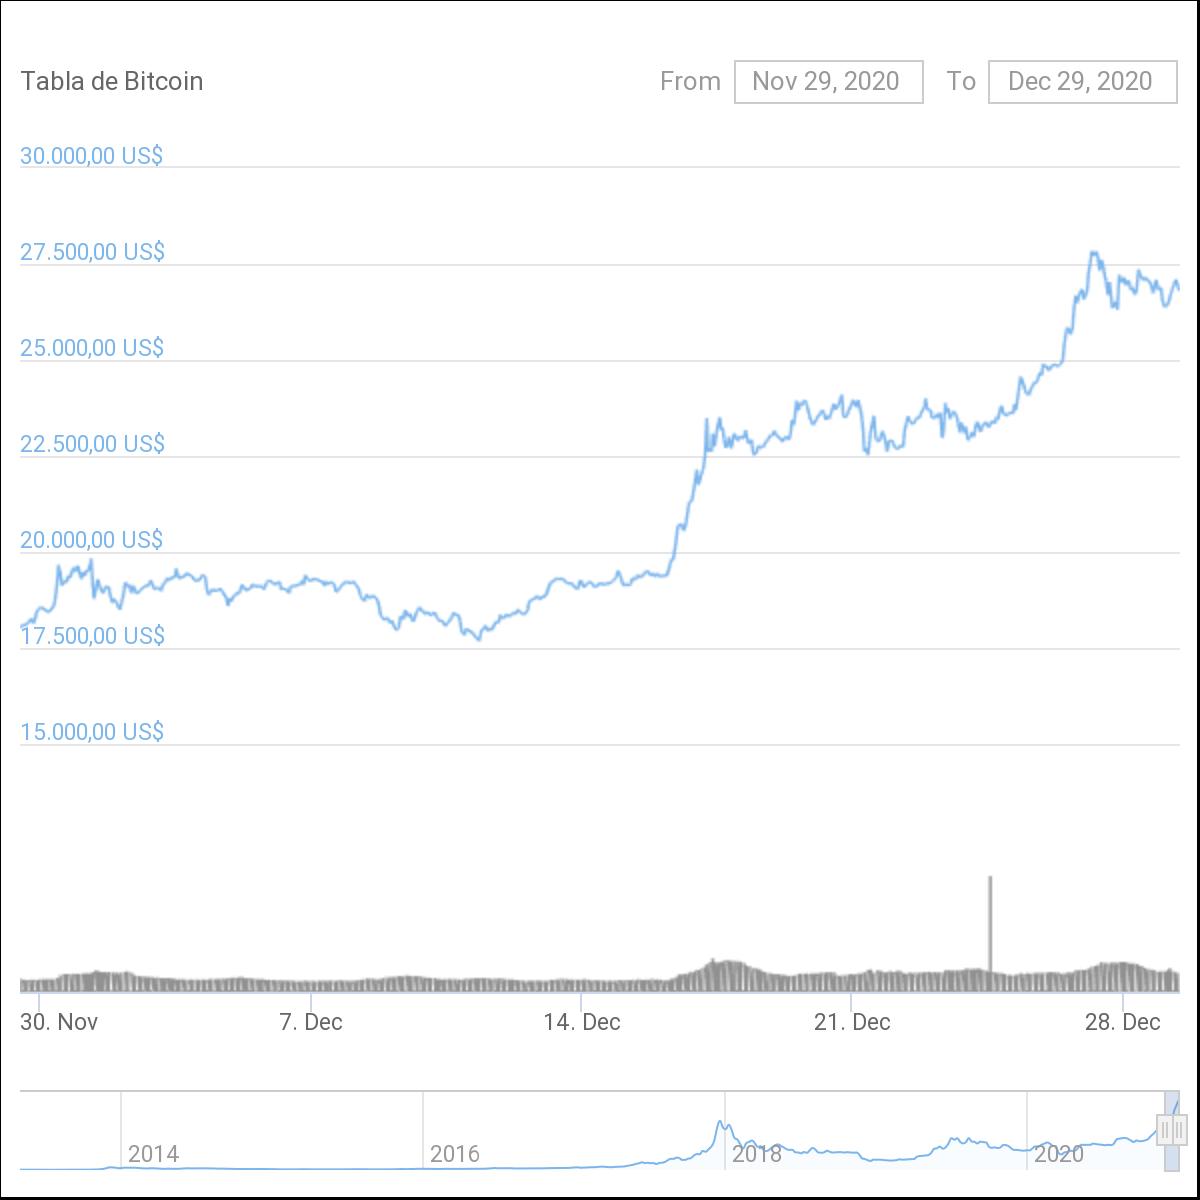 Por qué sube el precio de Bitcoin